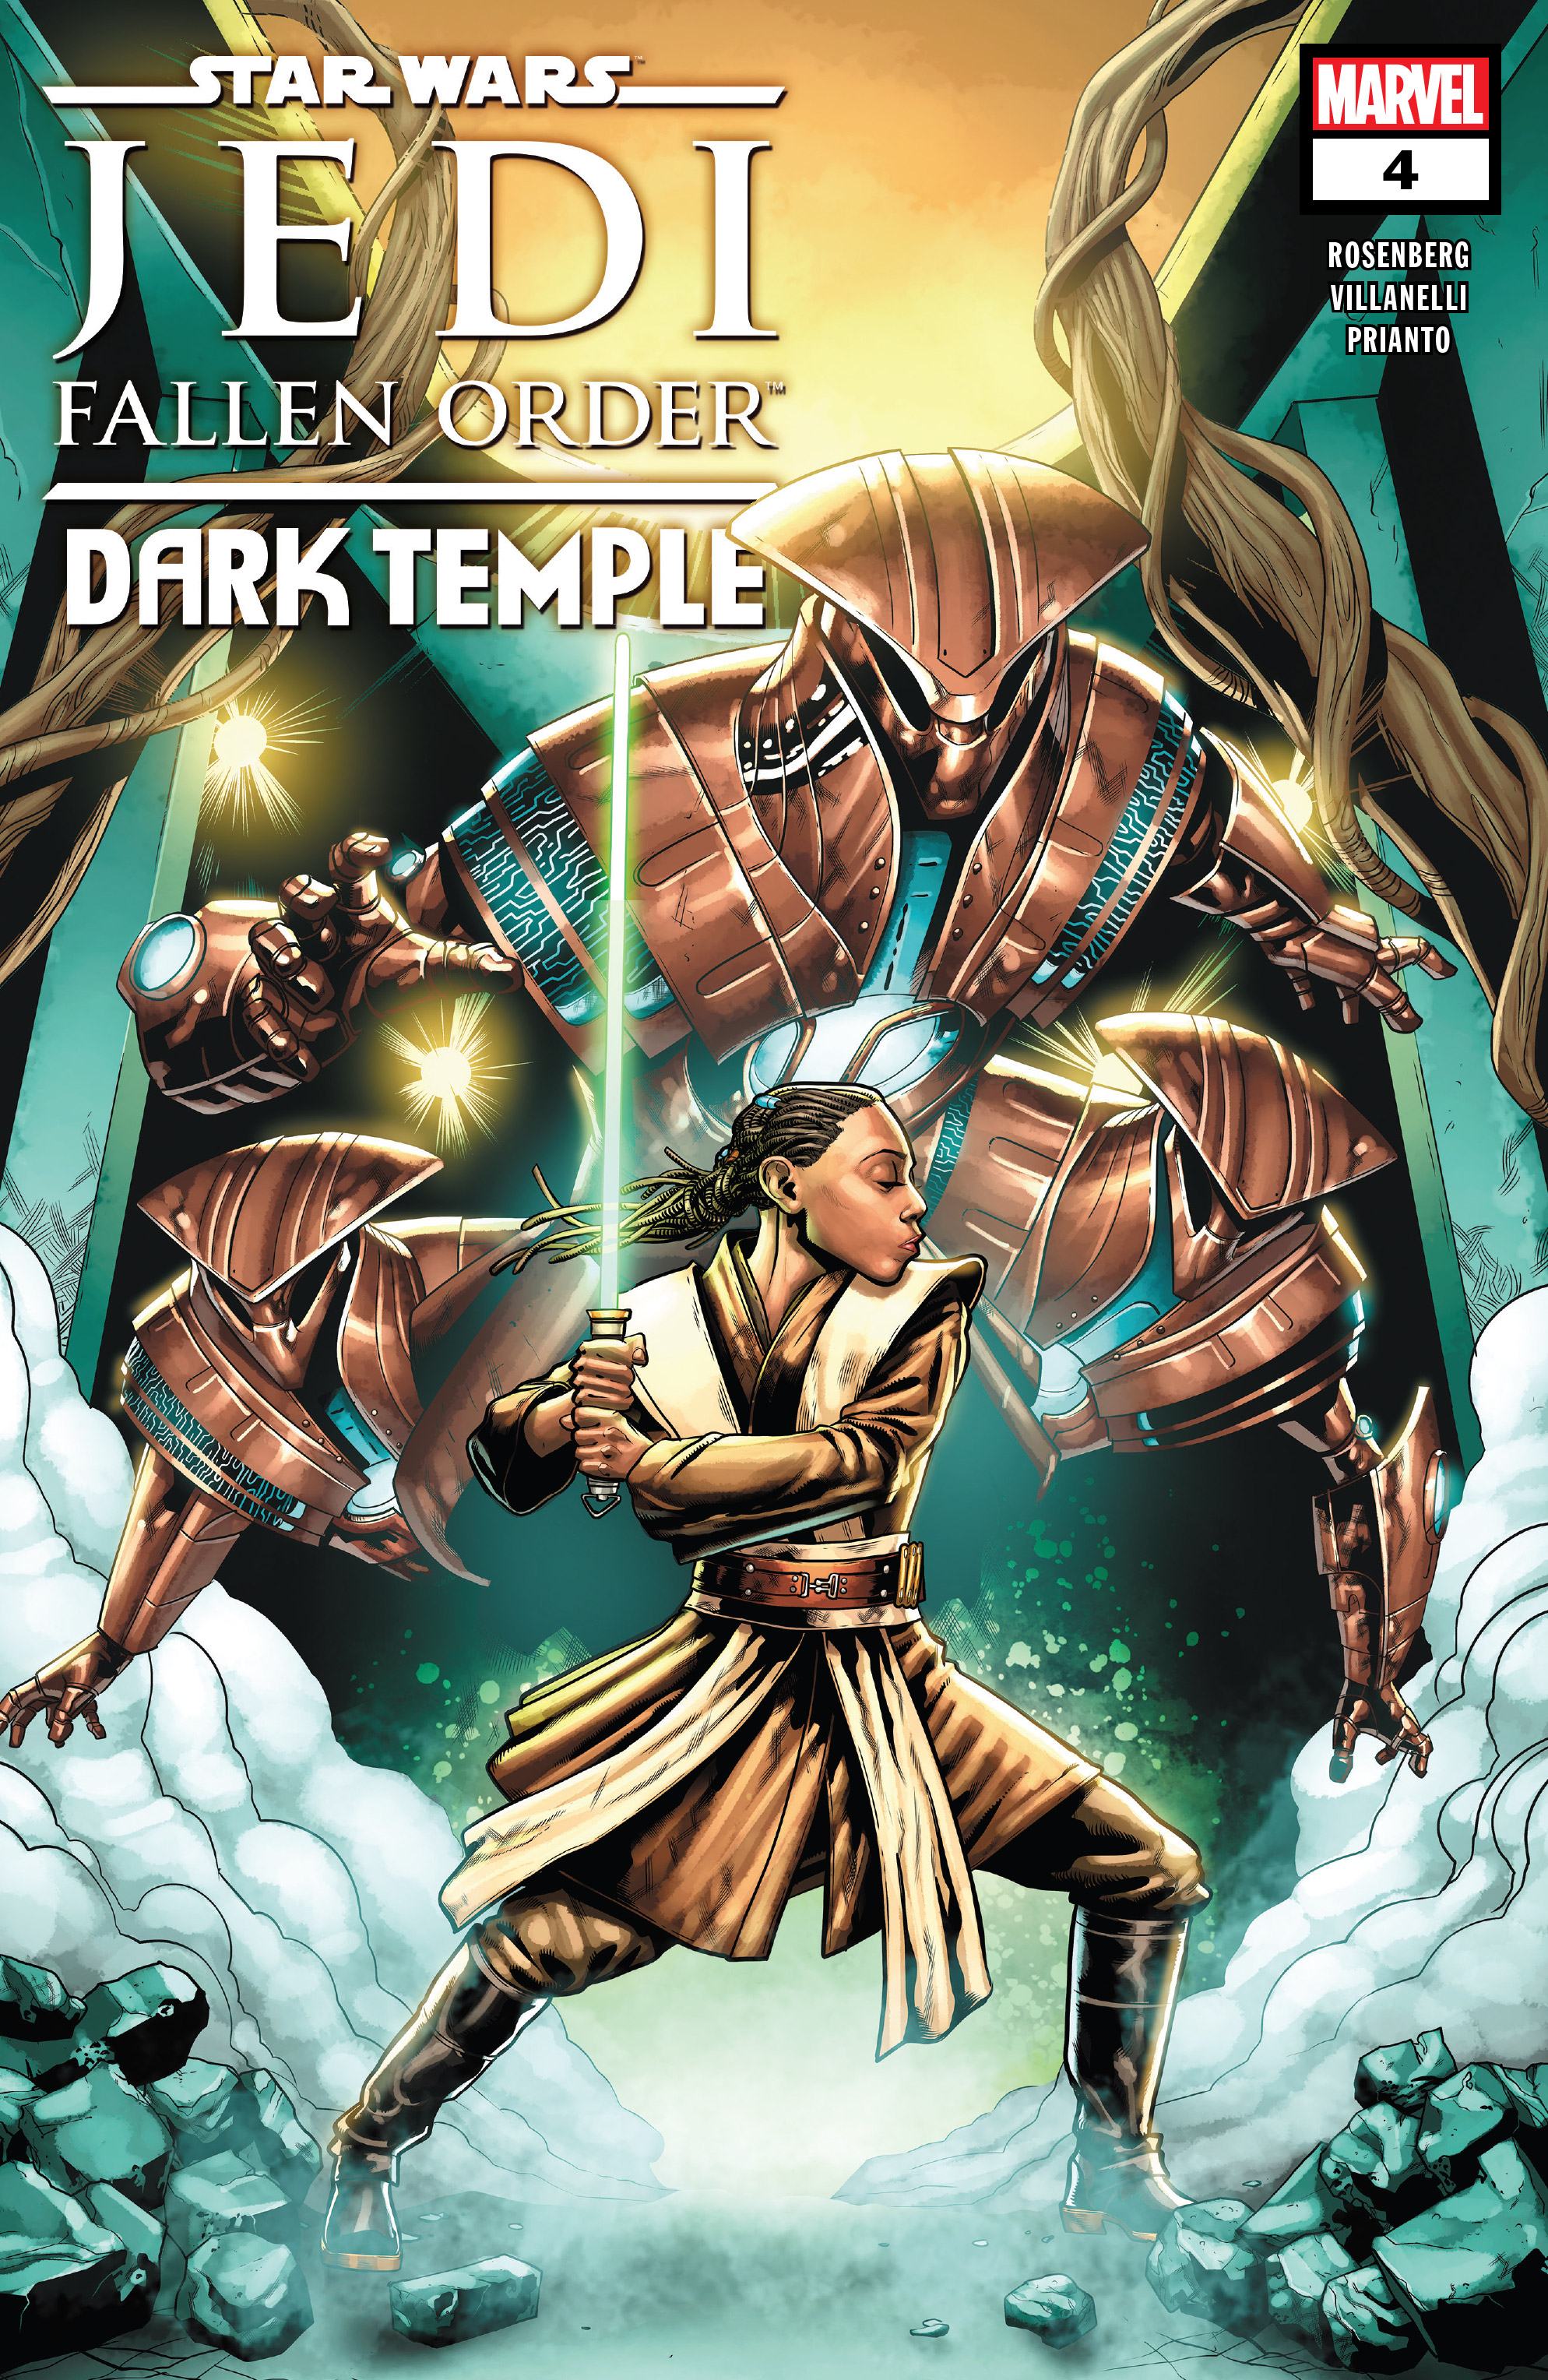 Звёздные войны. Джедаи: Павший Орден. Тёмный храм, часть 4